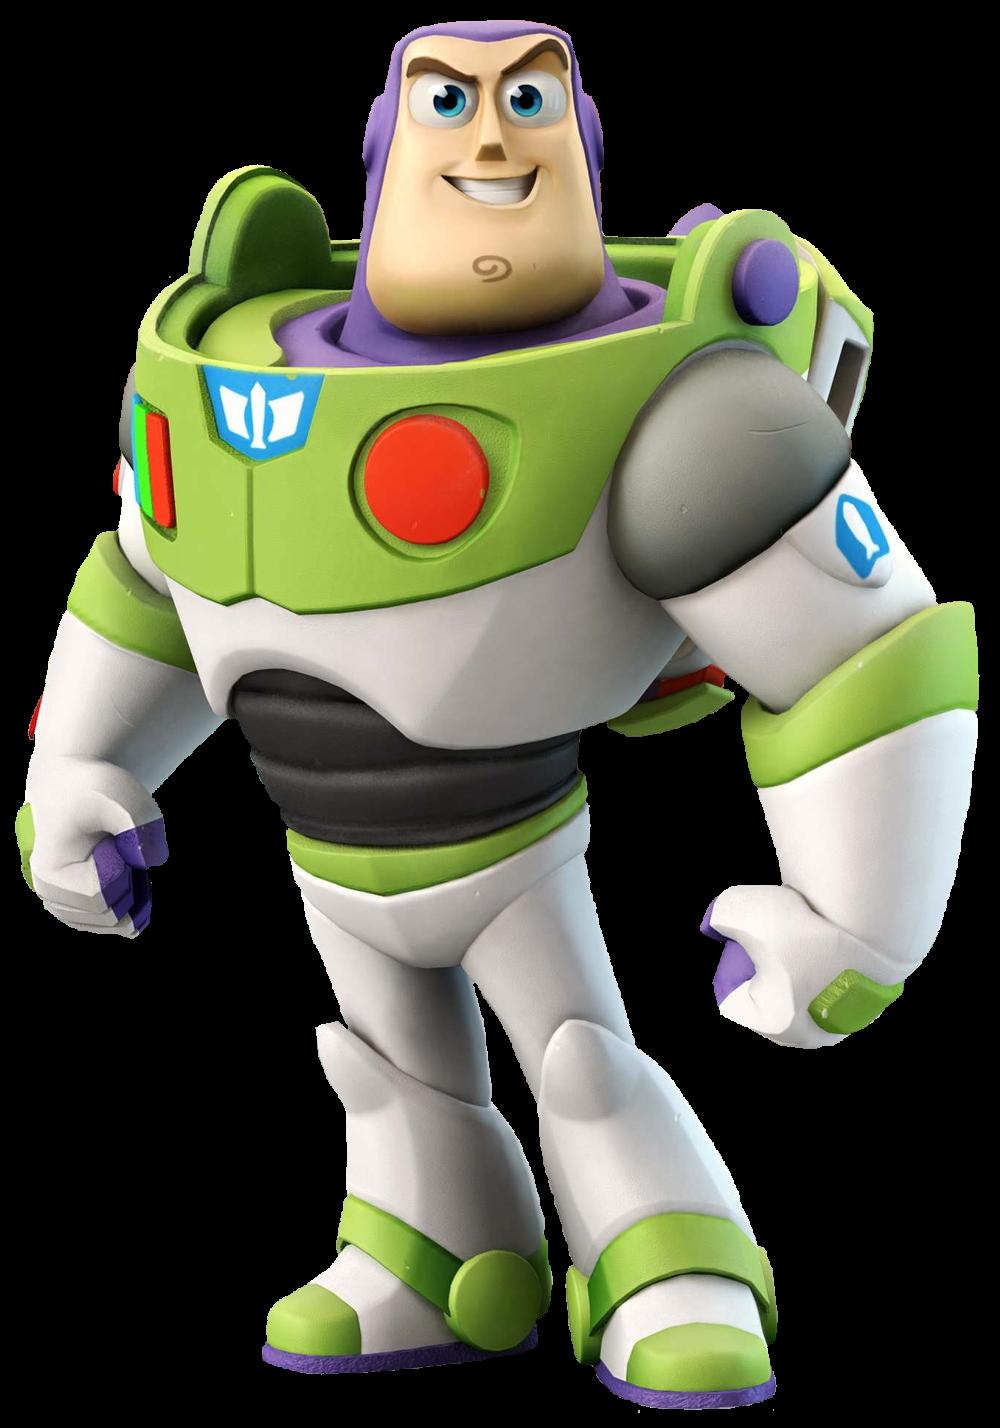 Buzz Lightyear Toy Story Personajes Fotos De Toy Story Imagenes De Buzz Lightyear